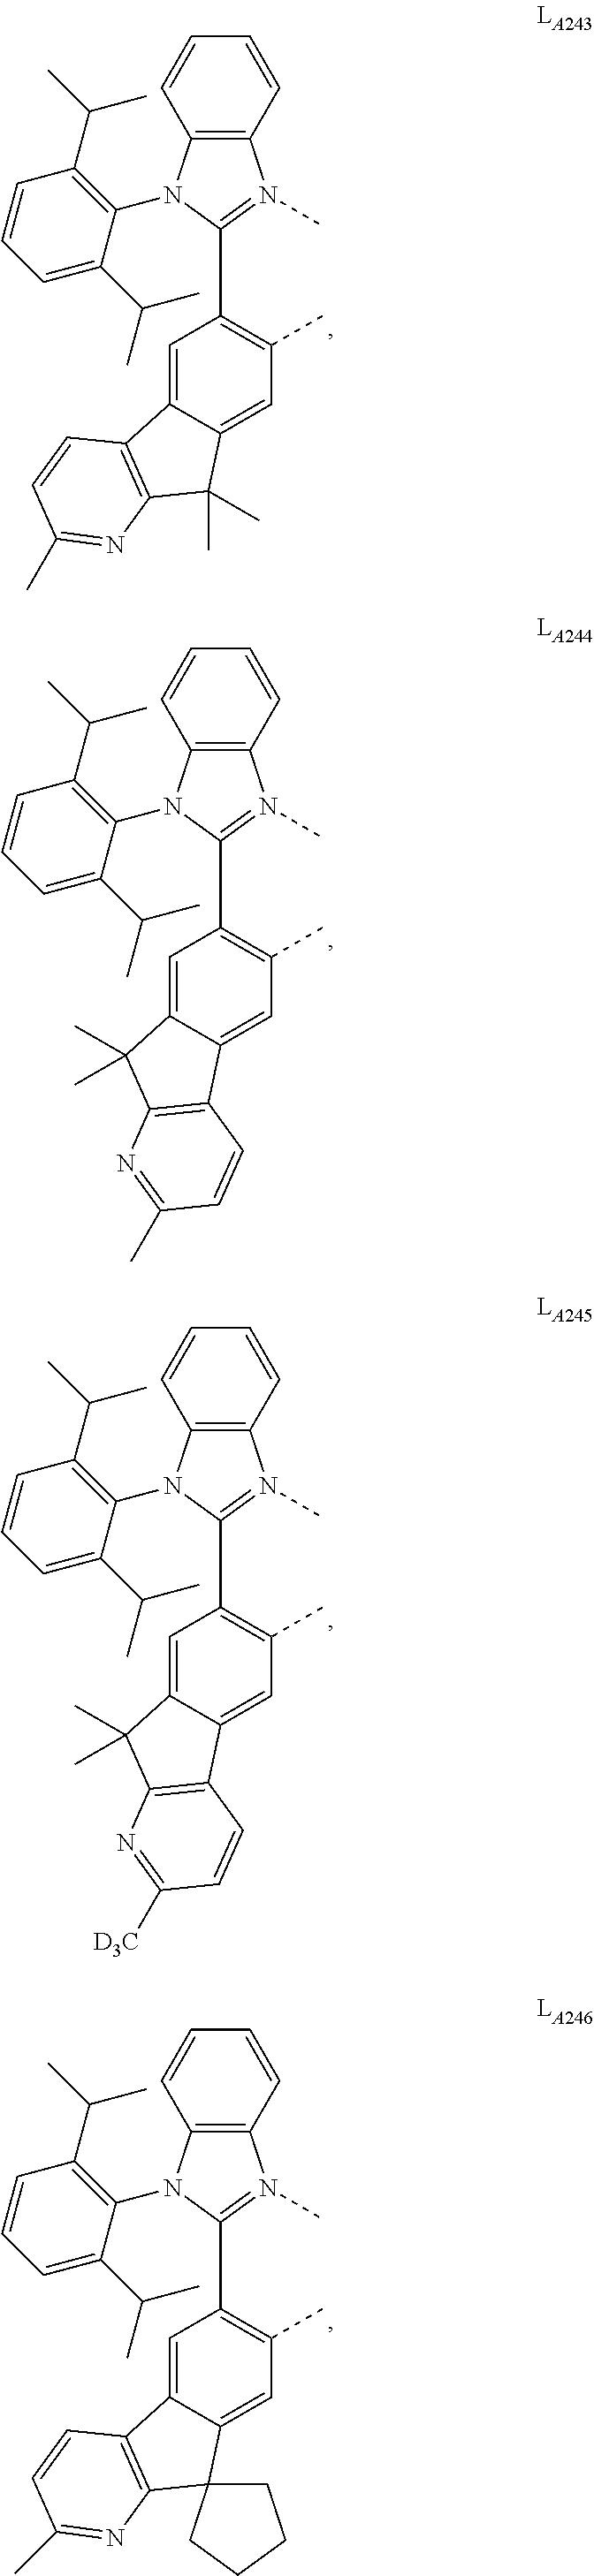 Figure US10003034-20180619-C00108